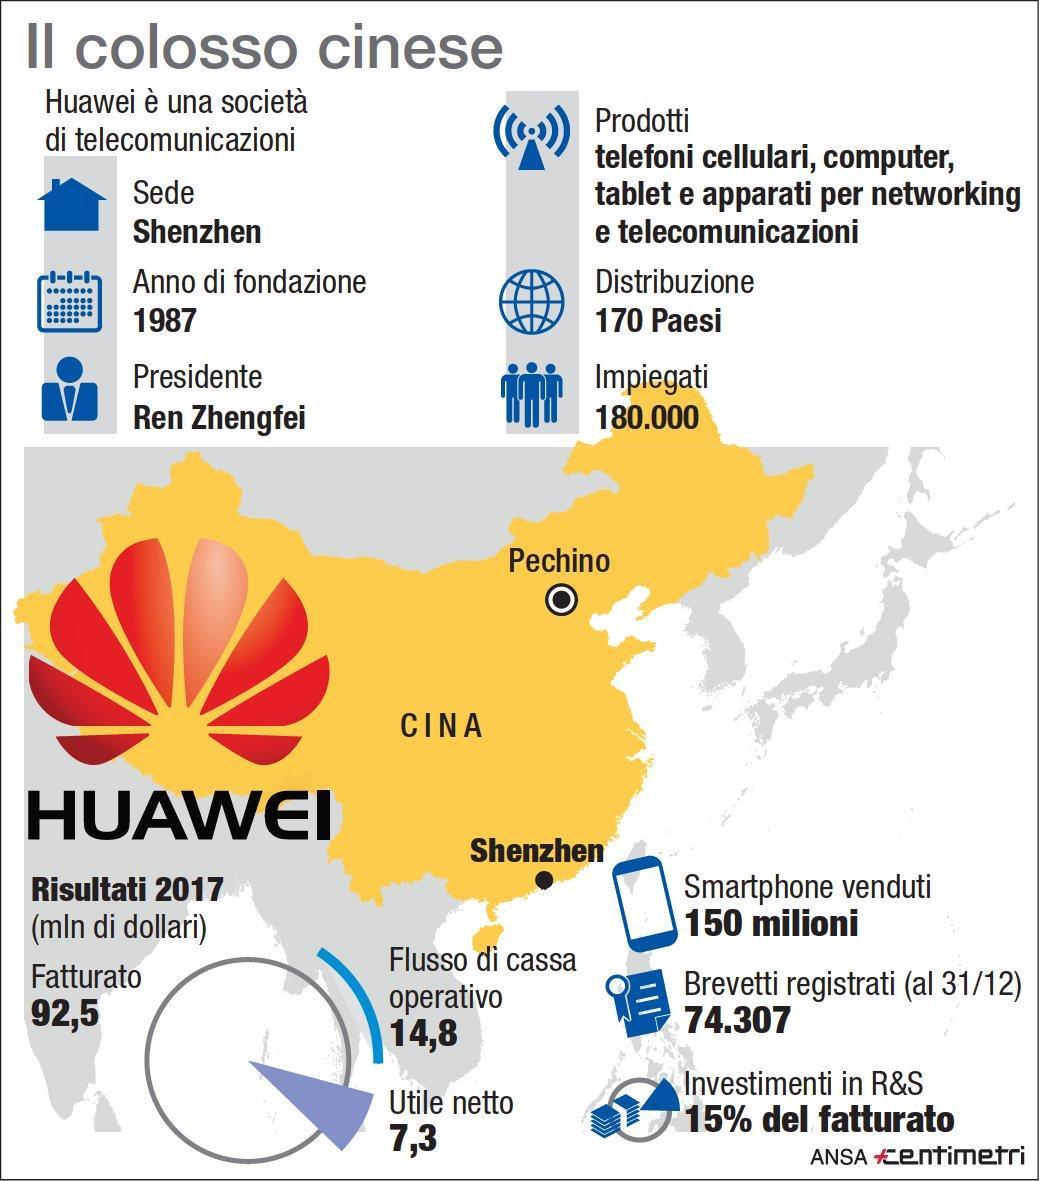 Huawei, i numeri del colosso cinese